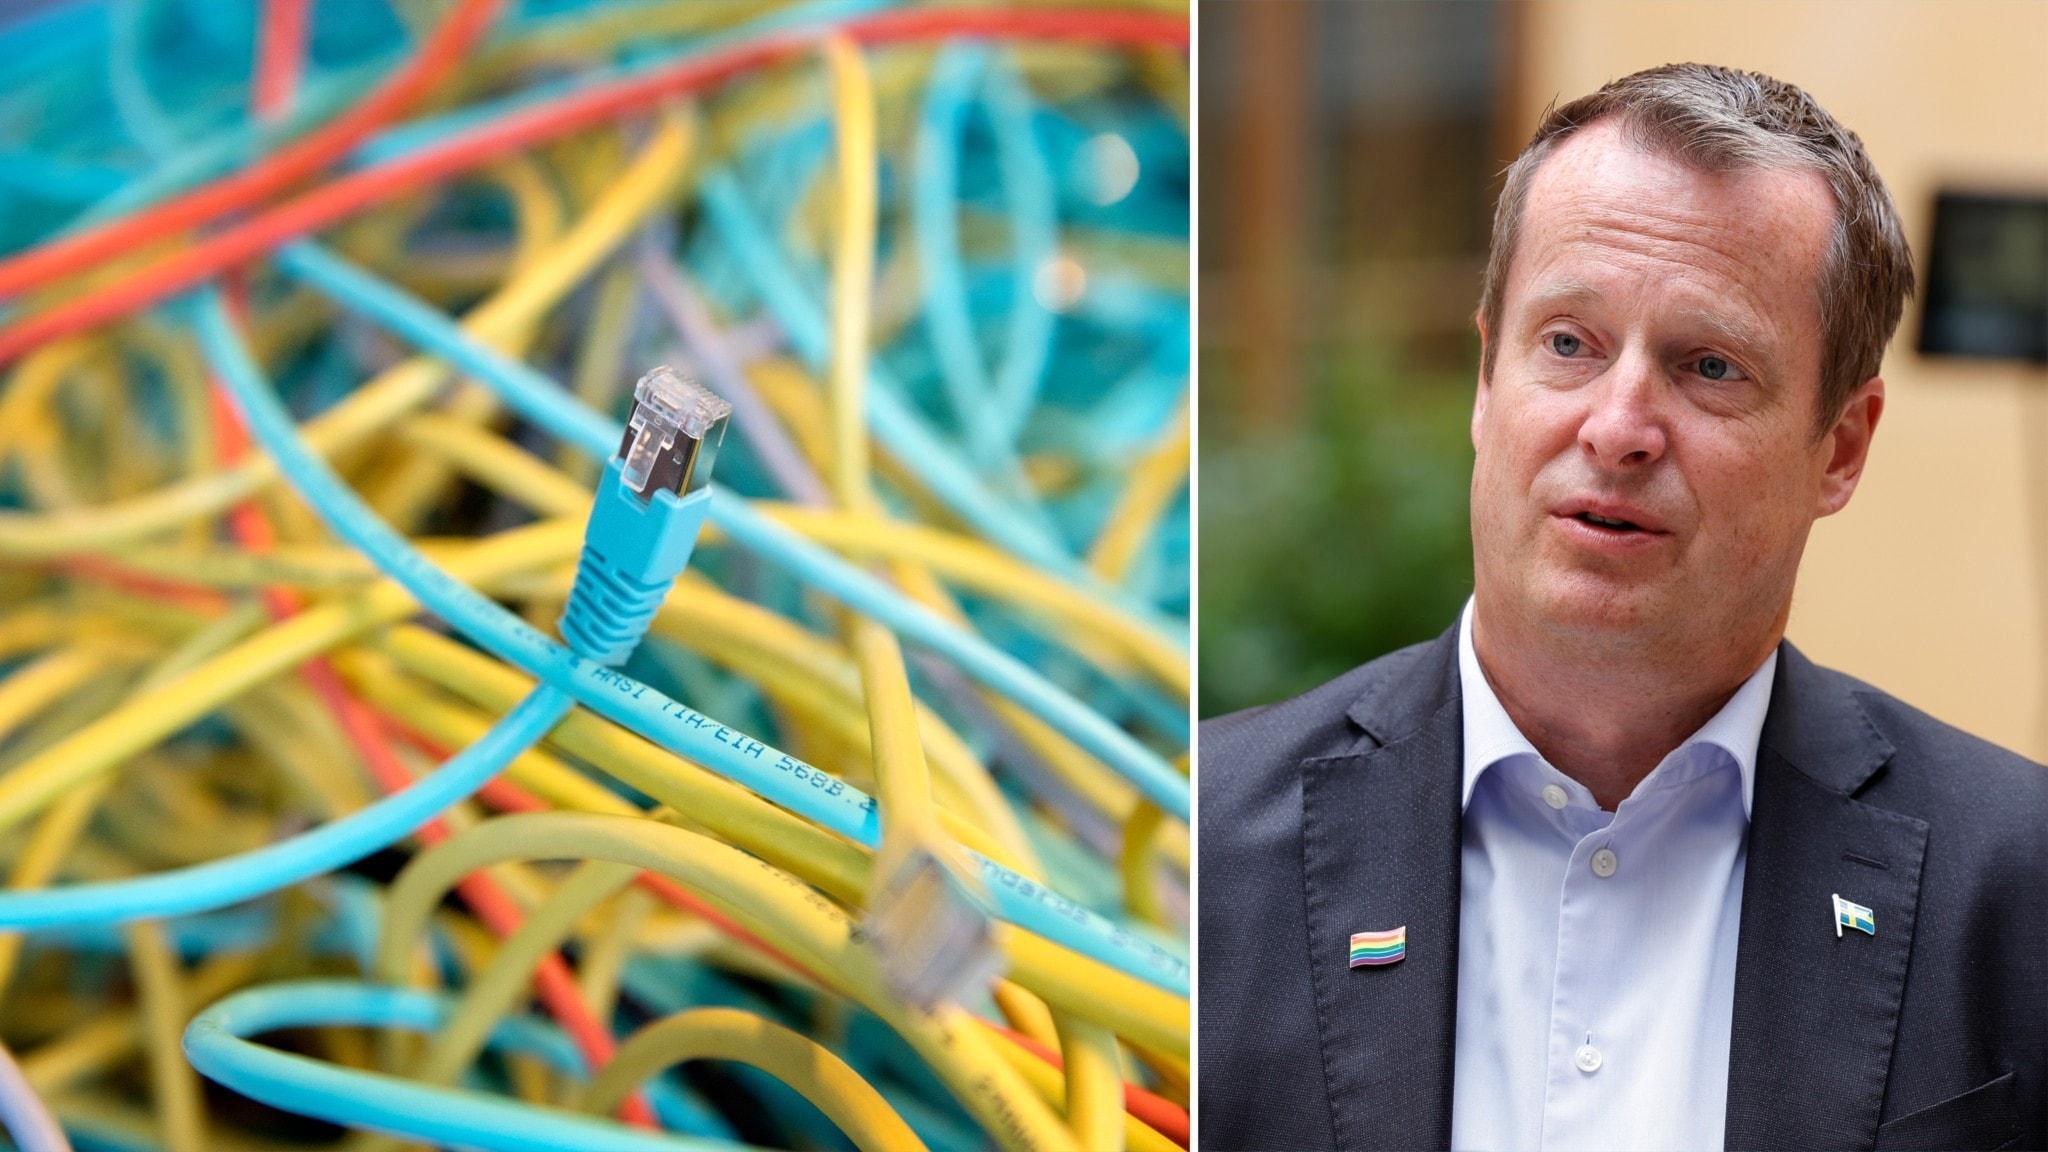 Västerbotten missar målet om bredband till alla 2025